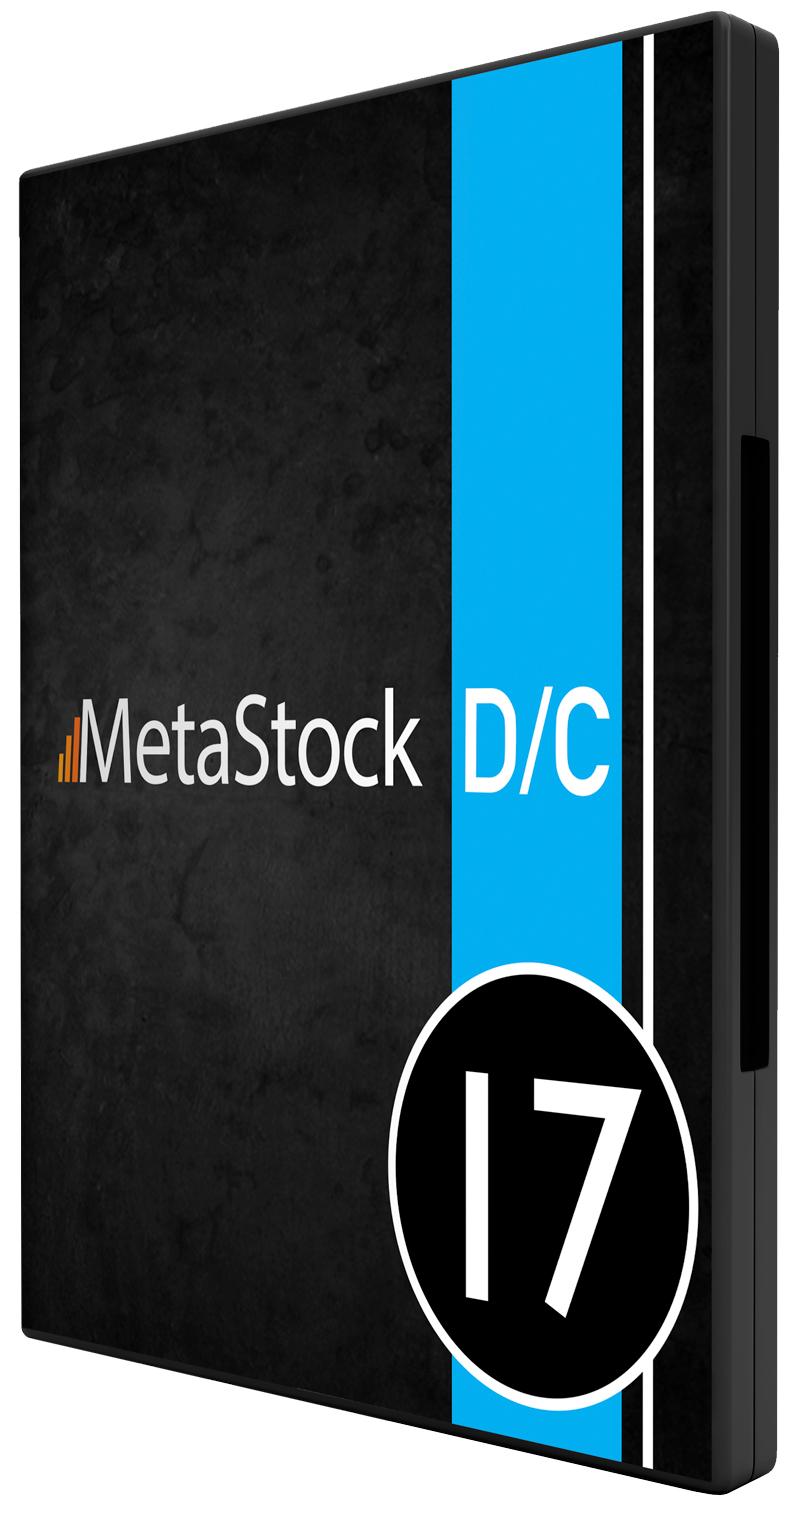 MS17-DC-enclosure-800px